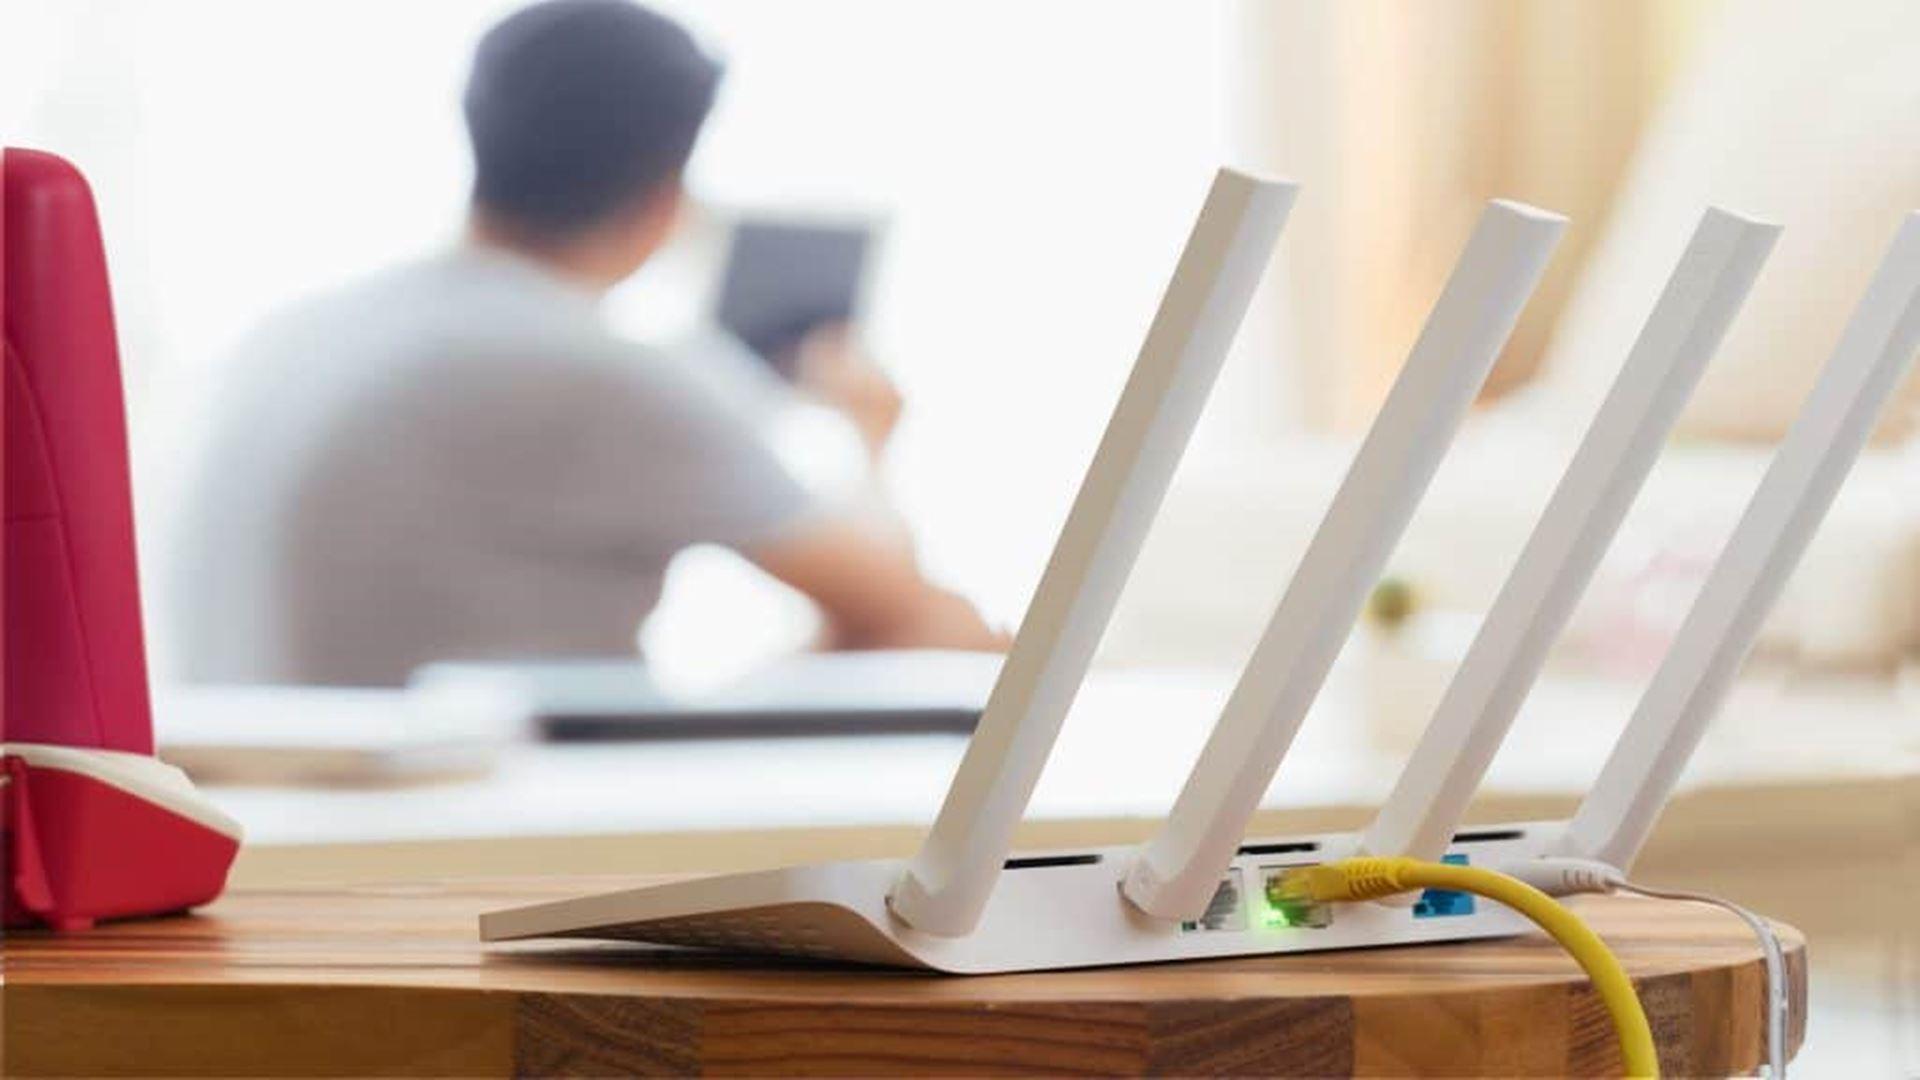 Miglior antenna WiFi 2020: Guida all'acquisto